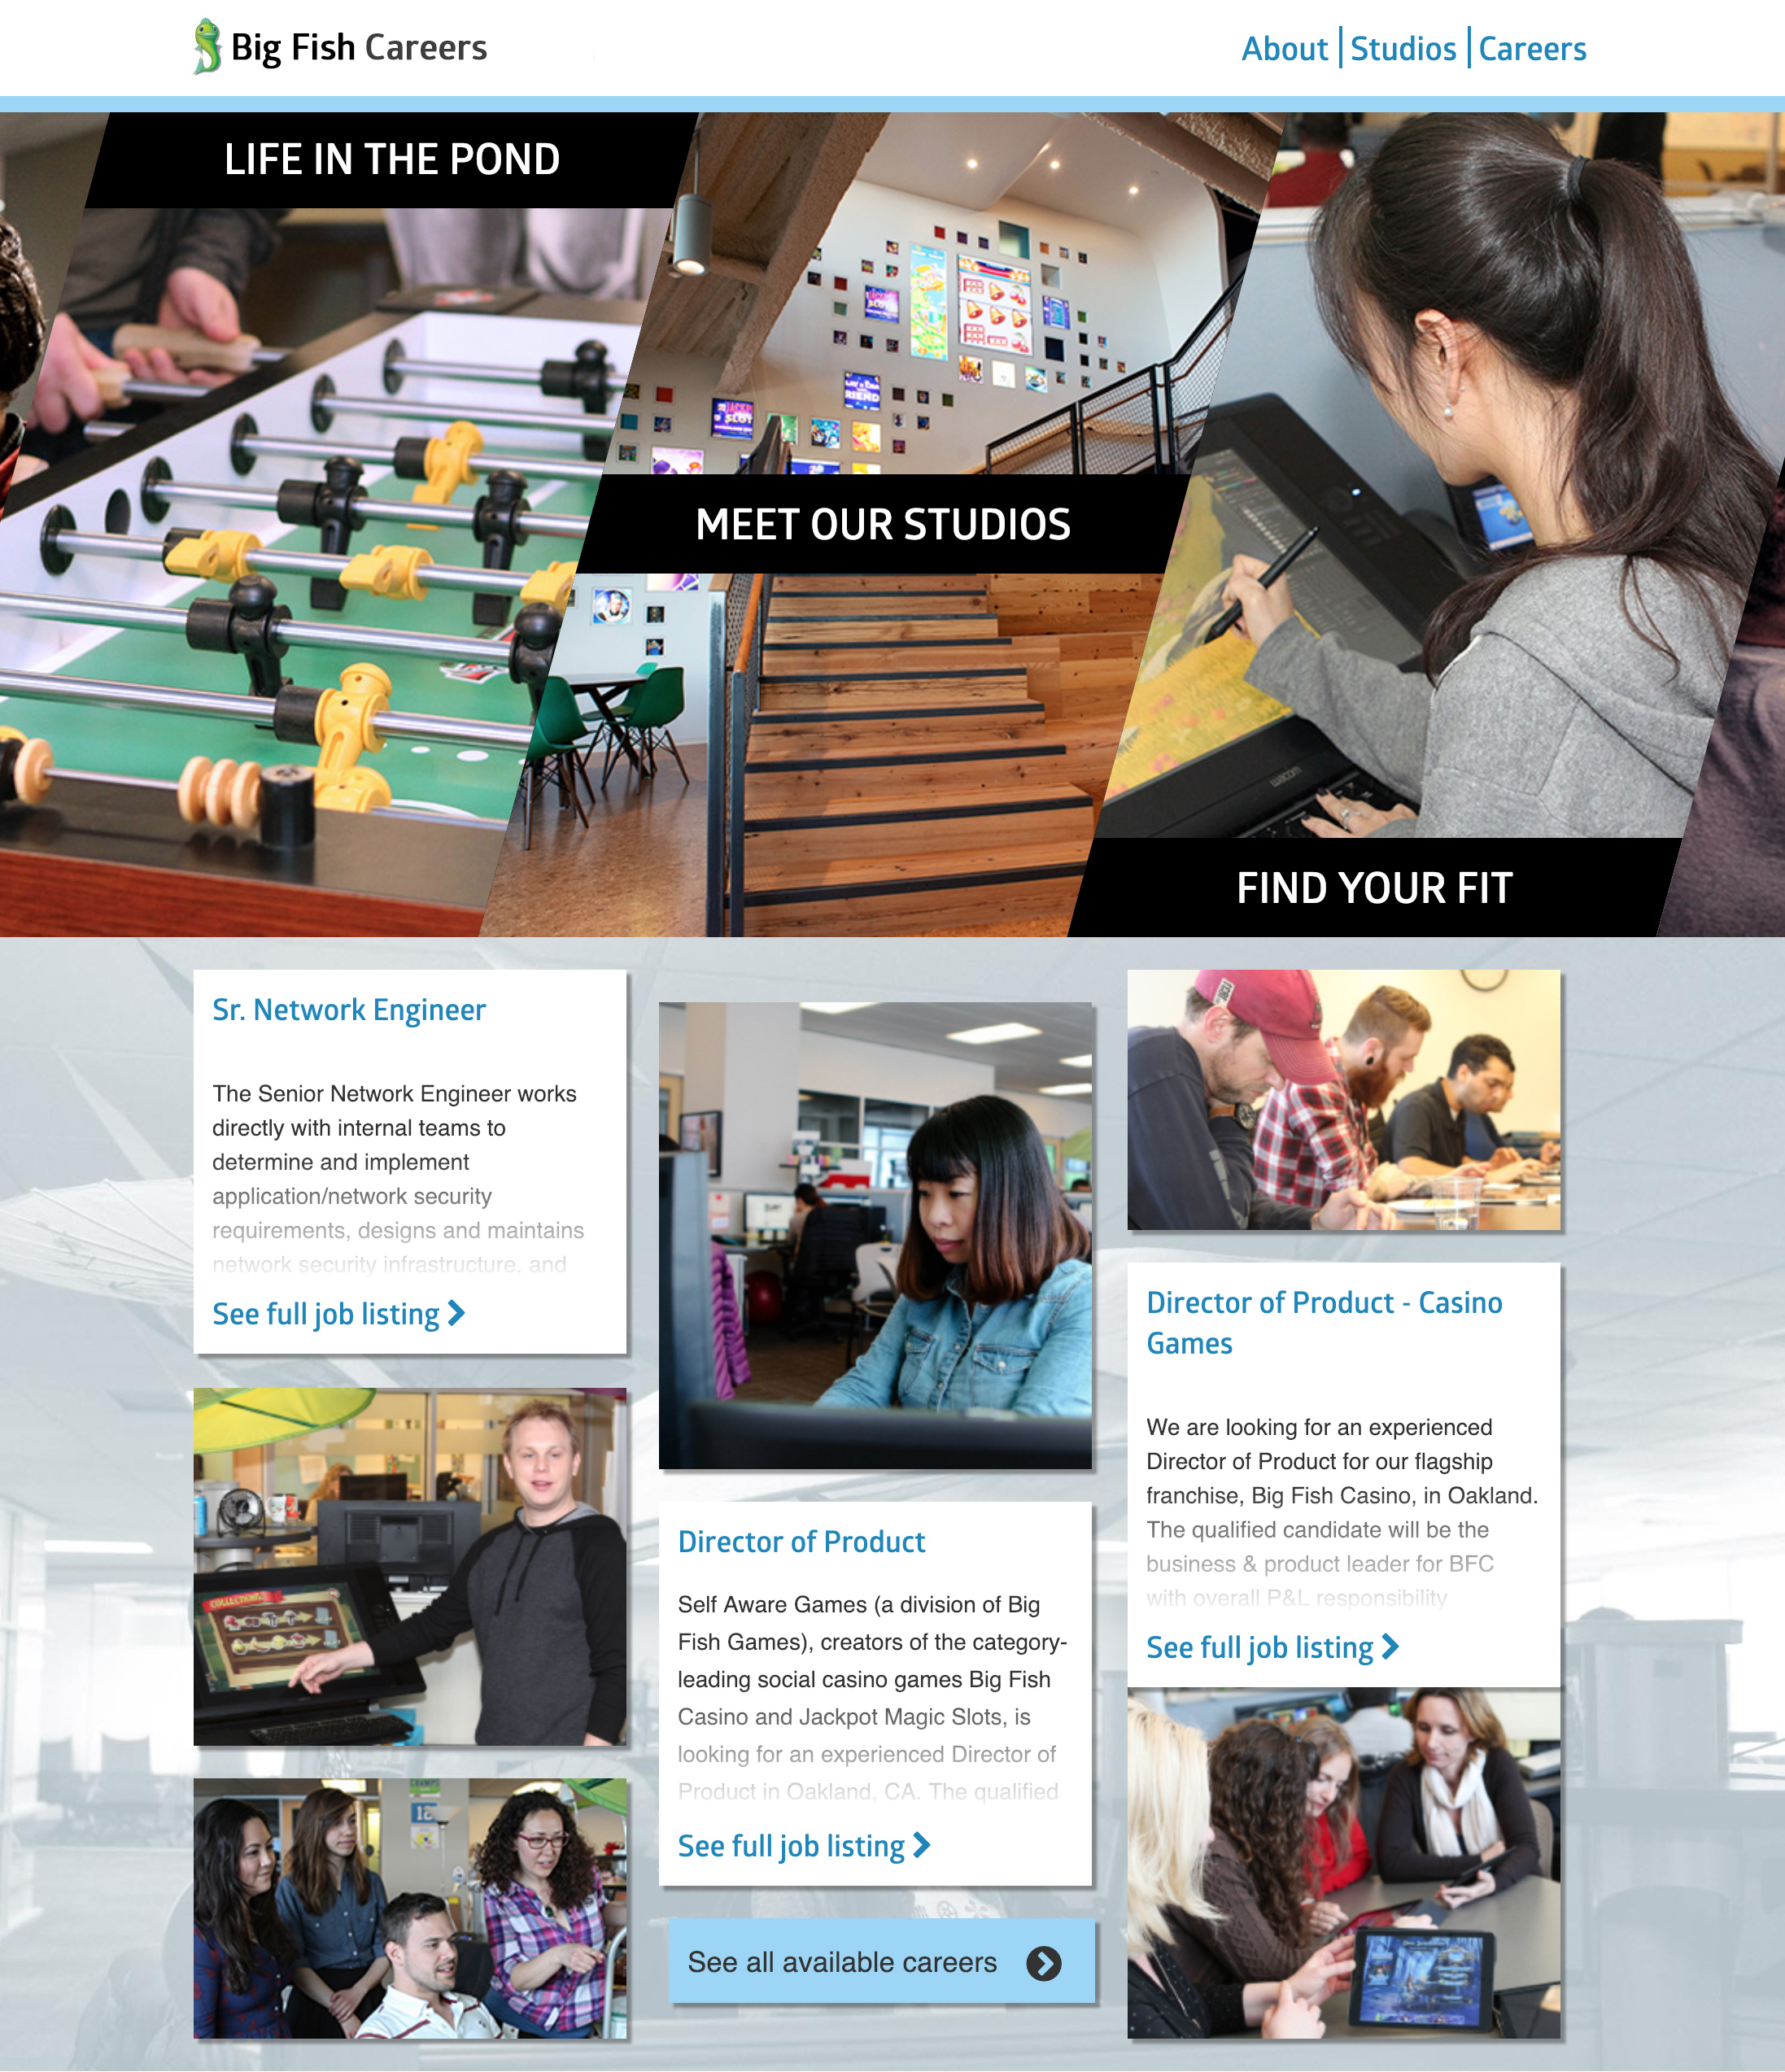 careers-page-screenshot-1.jpg